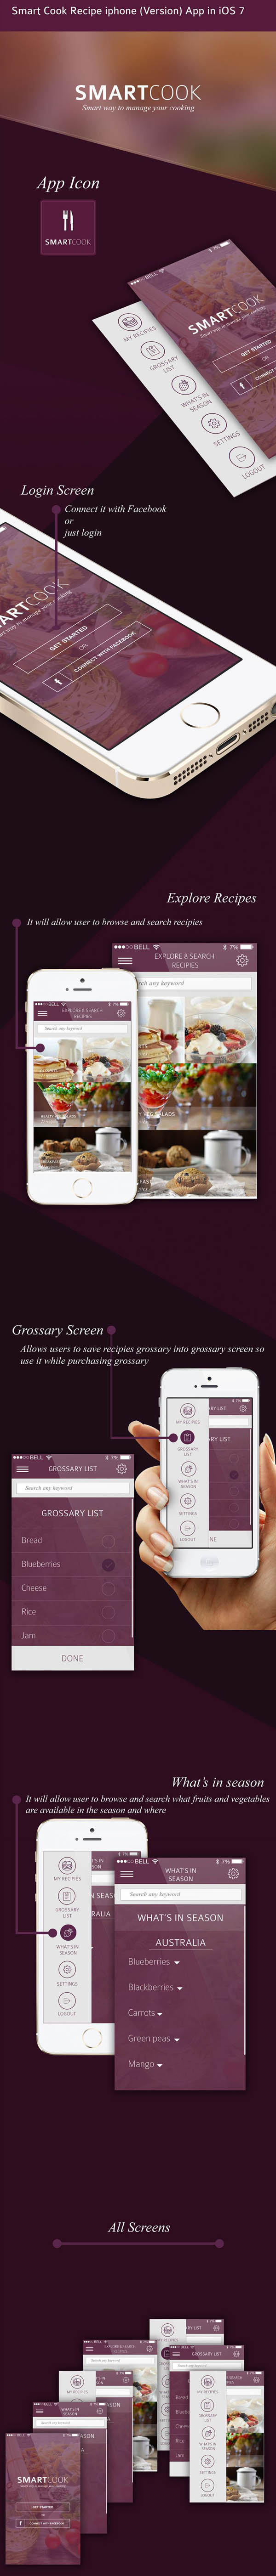 Smart Cook Recipe iphone (Version) App in iOS 7